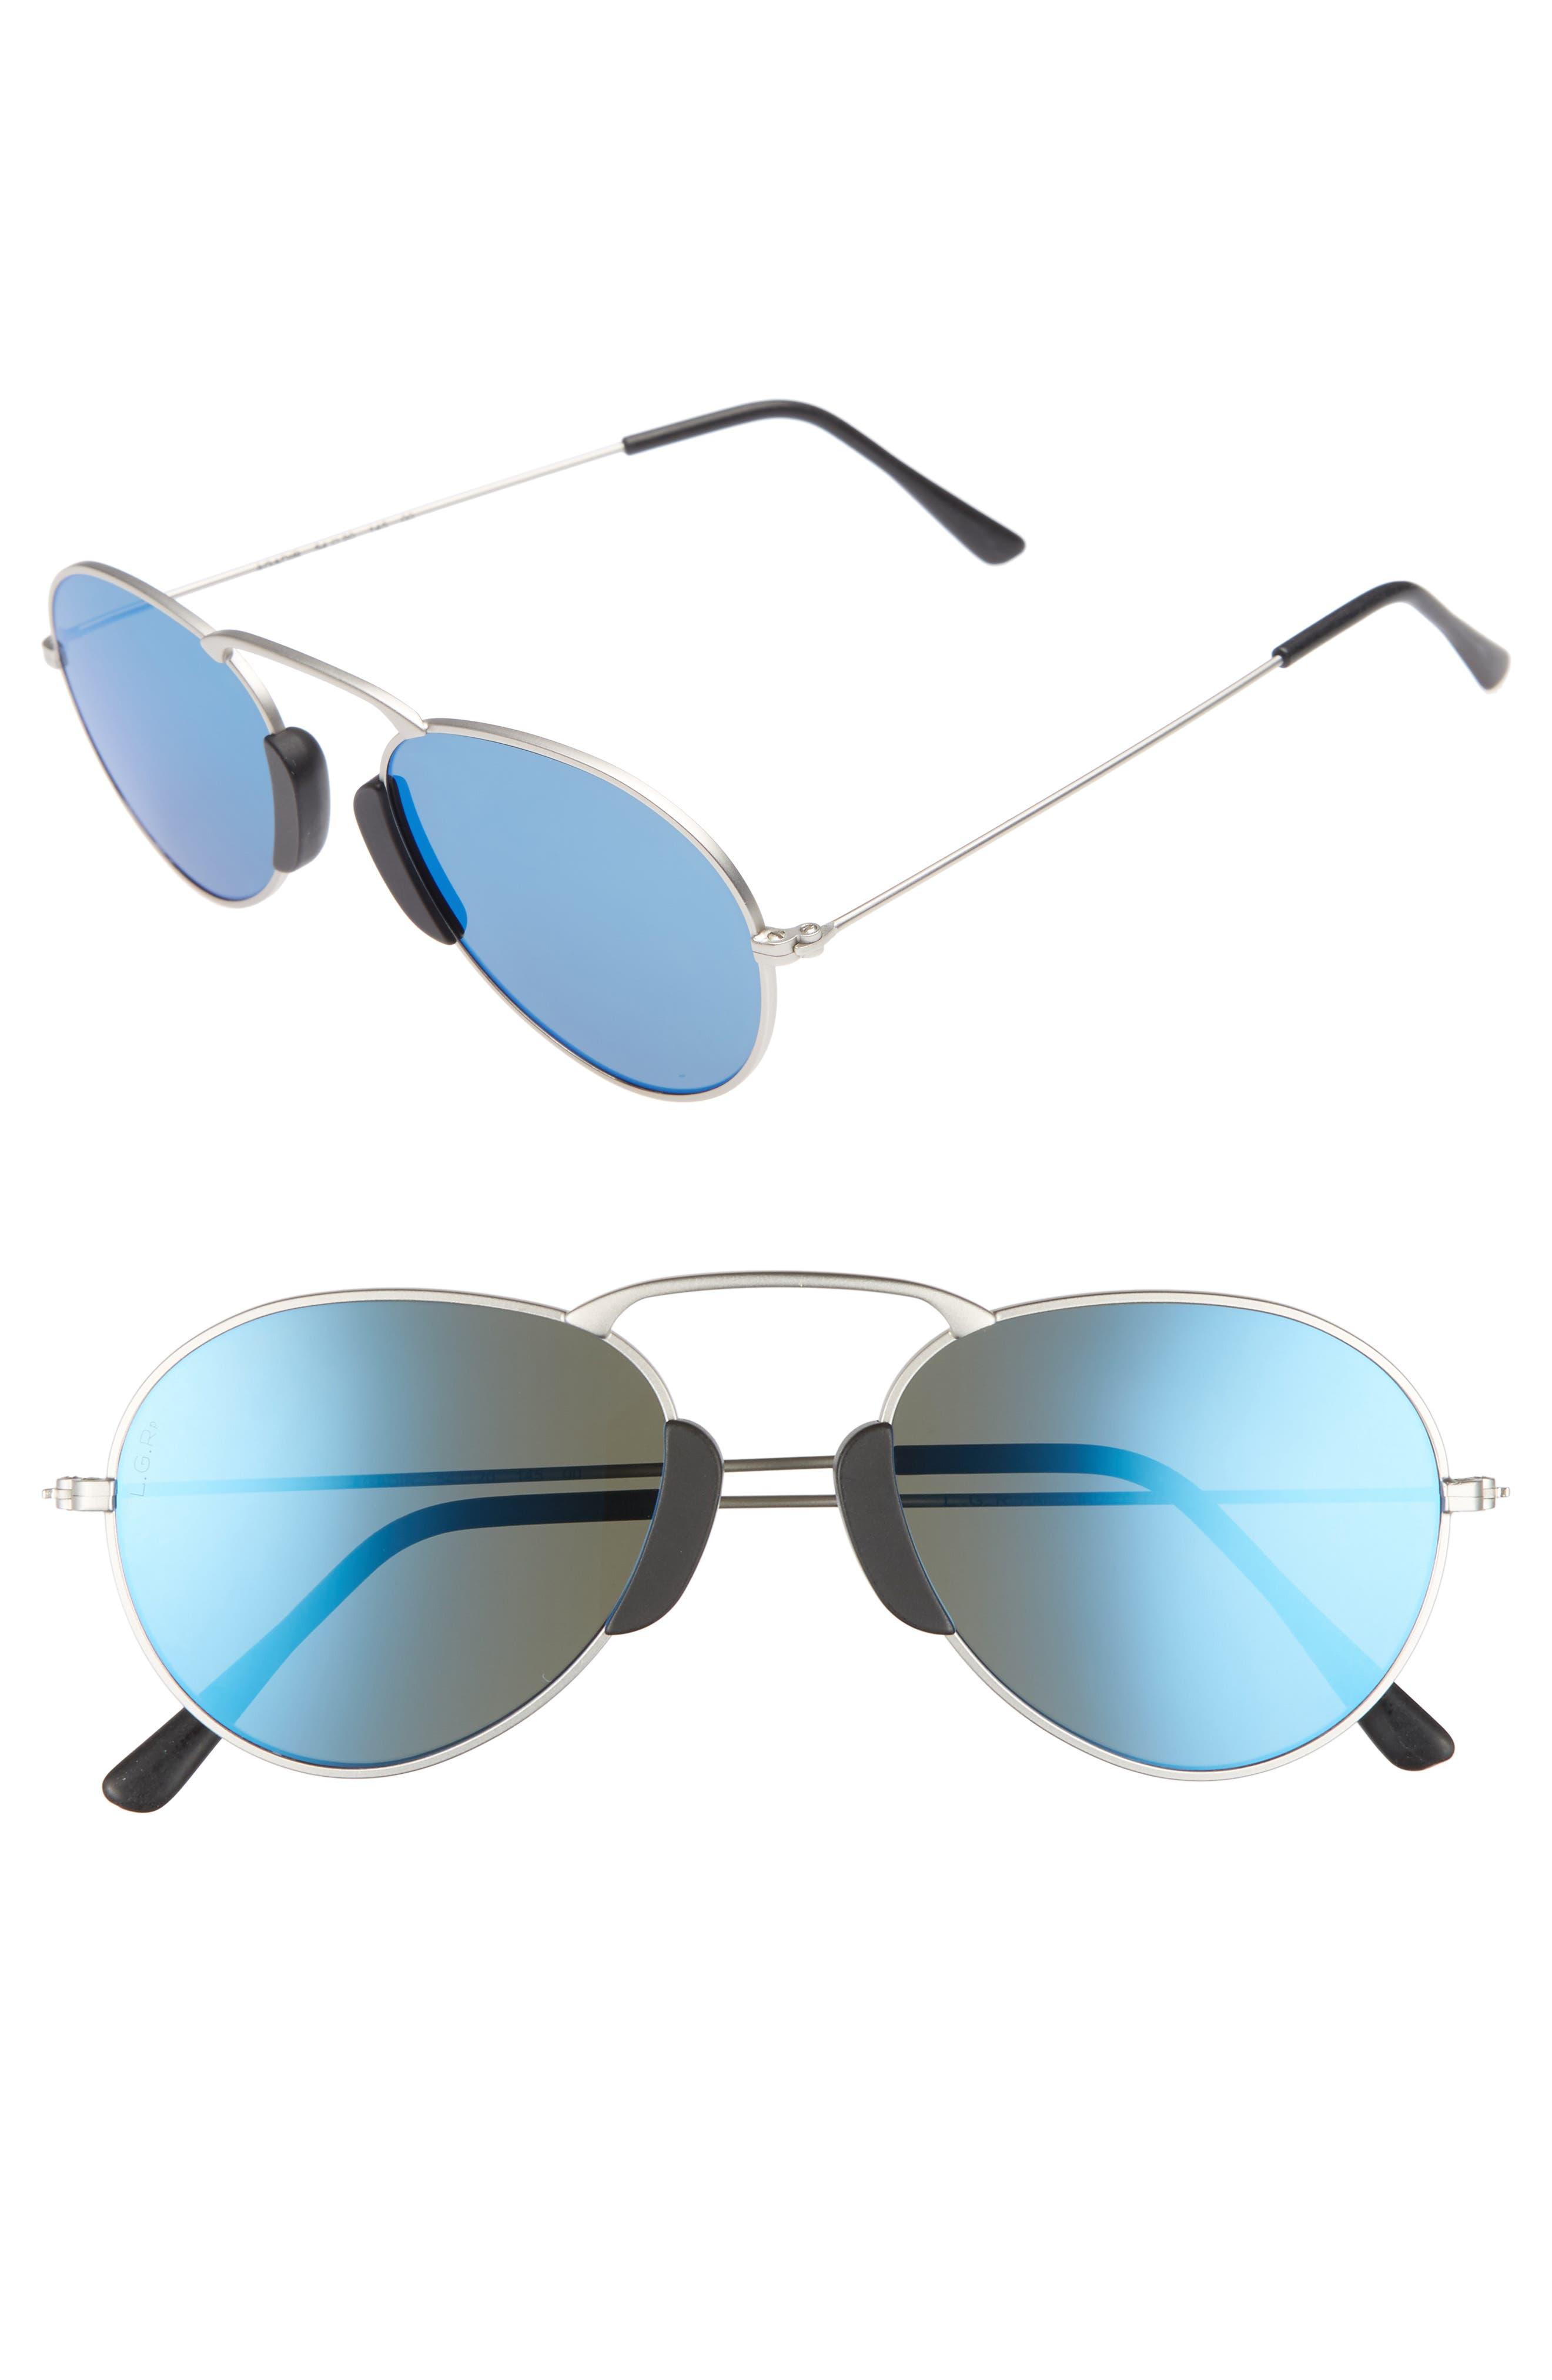 Agadir 54mm Polarized Sunglasses,                             Main thumbnail 1, color,                             040